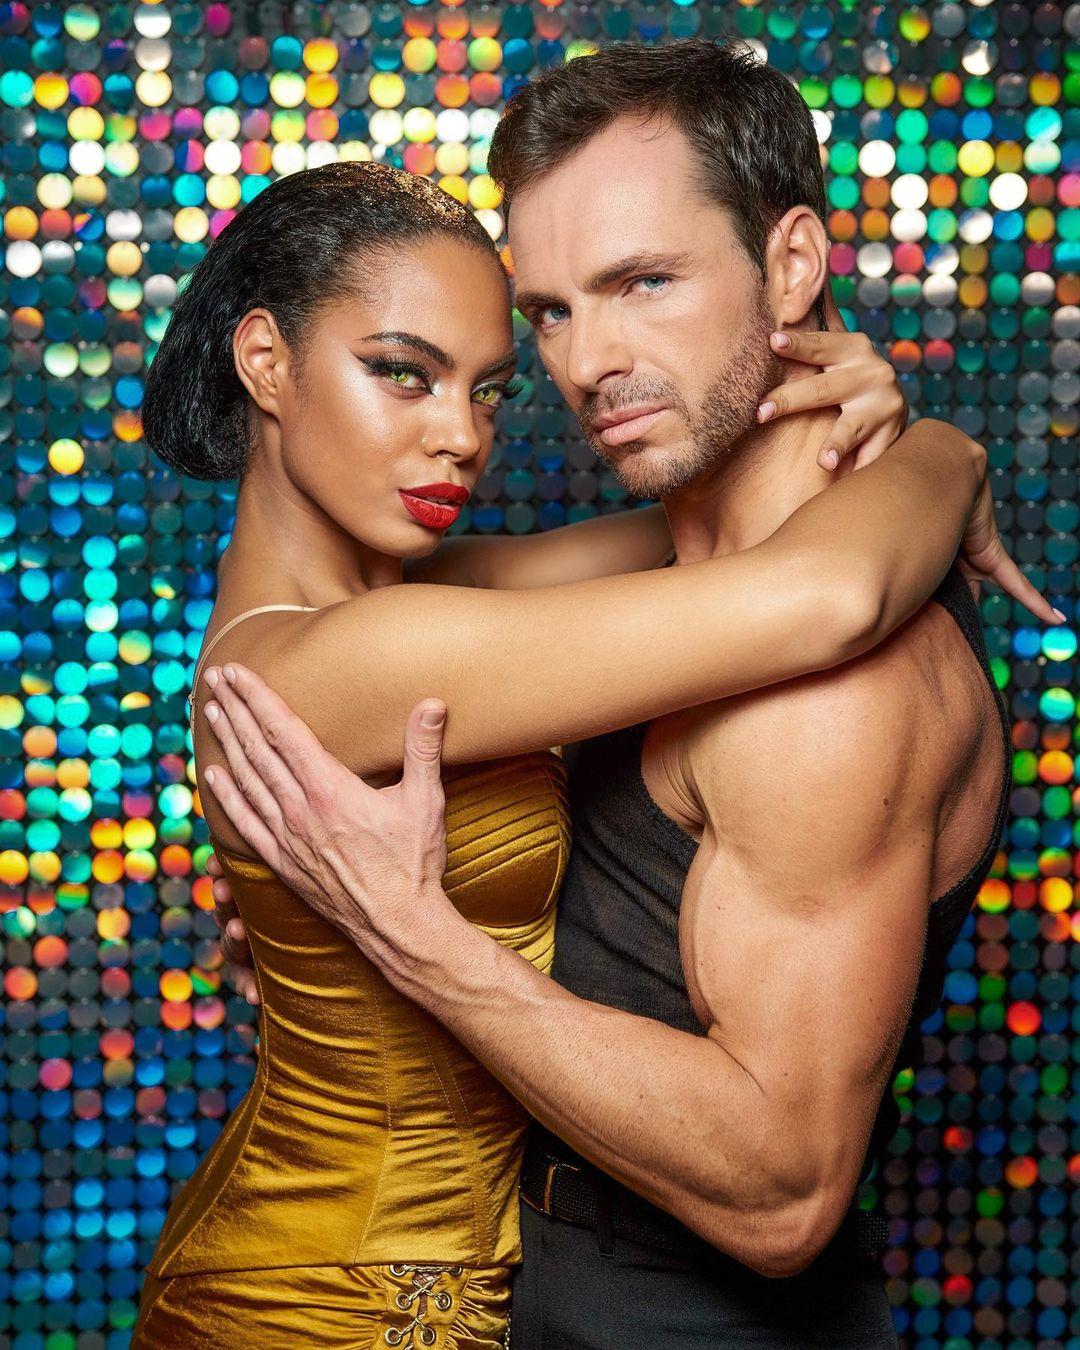 Сергей Мельник показал сексуальные танцы своей партнерши